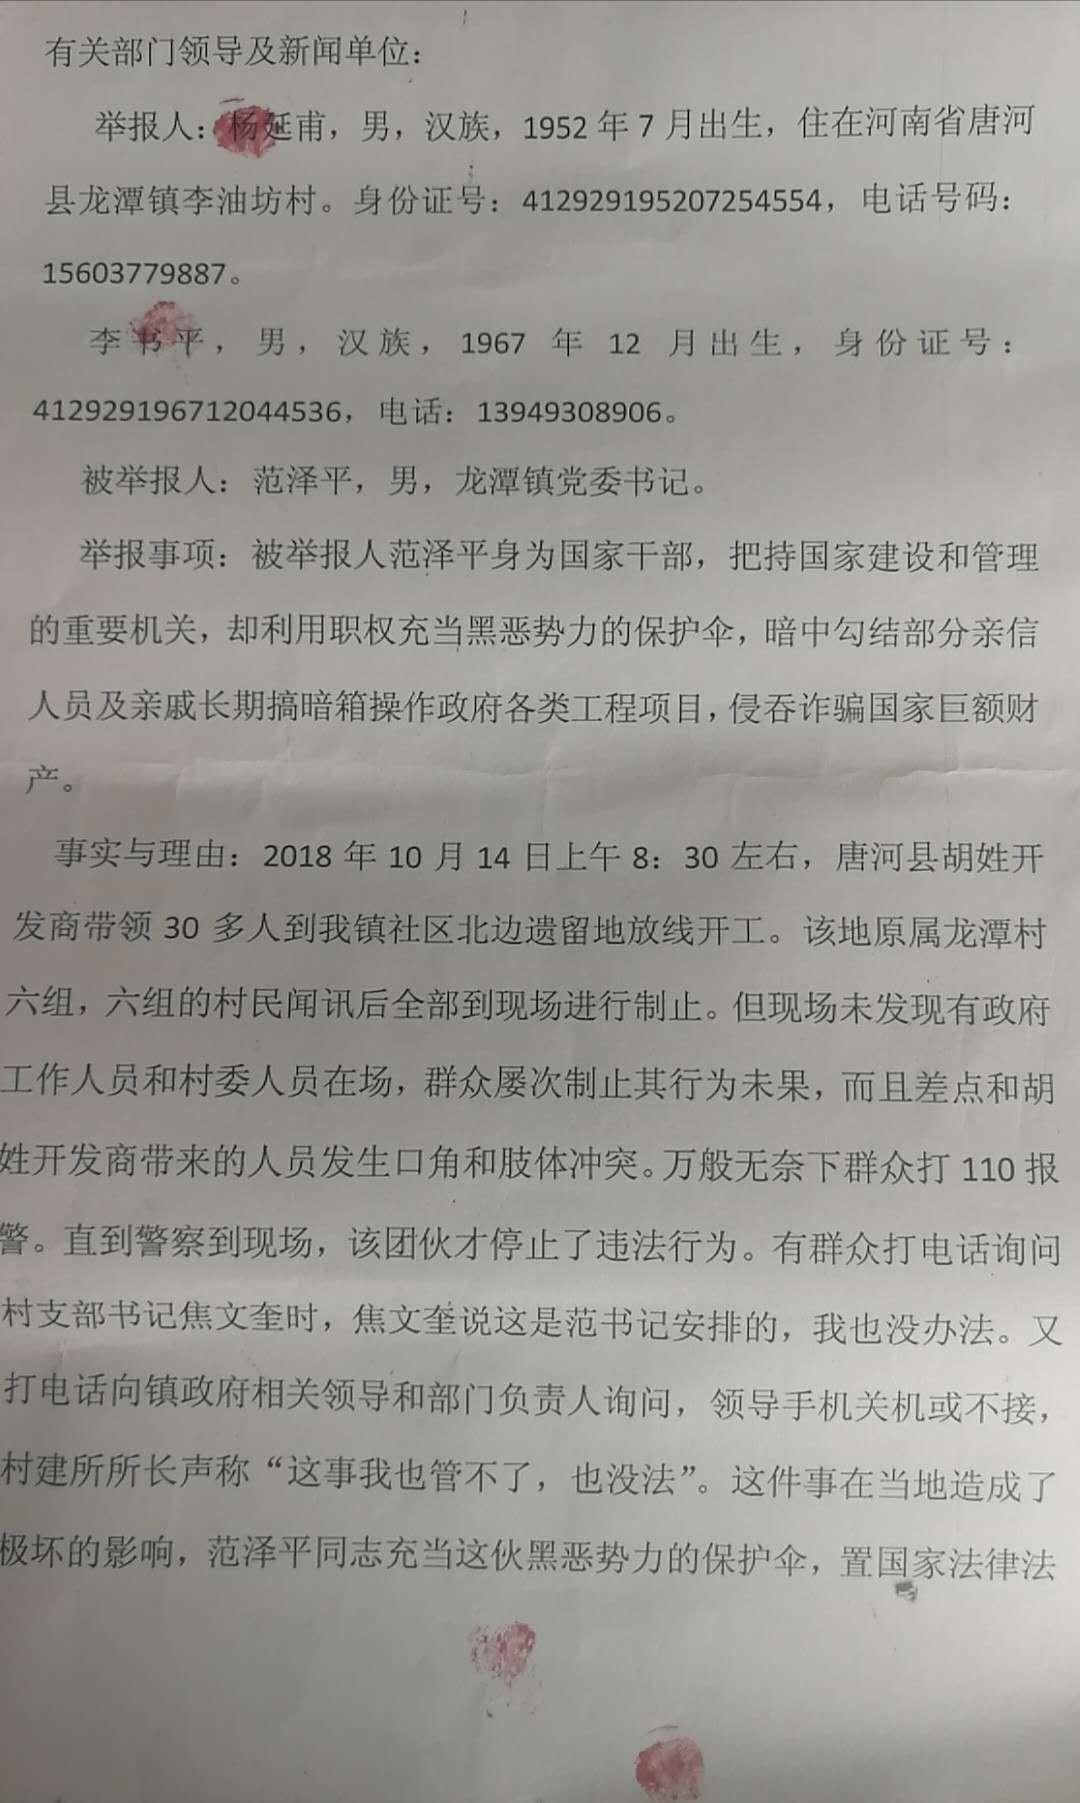 唐河龙潭镇党委书记范泽平涉嫌违纪违法遭村民实名举报